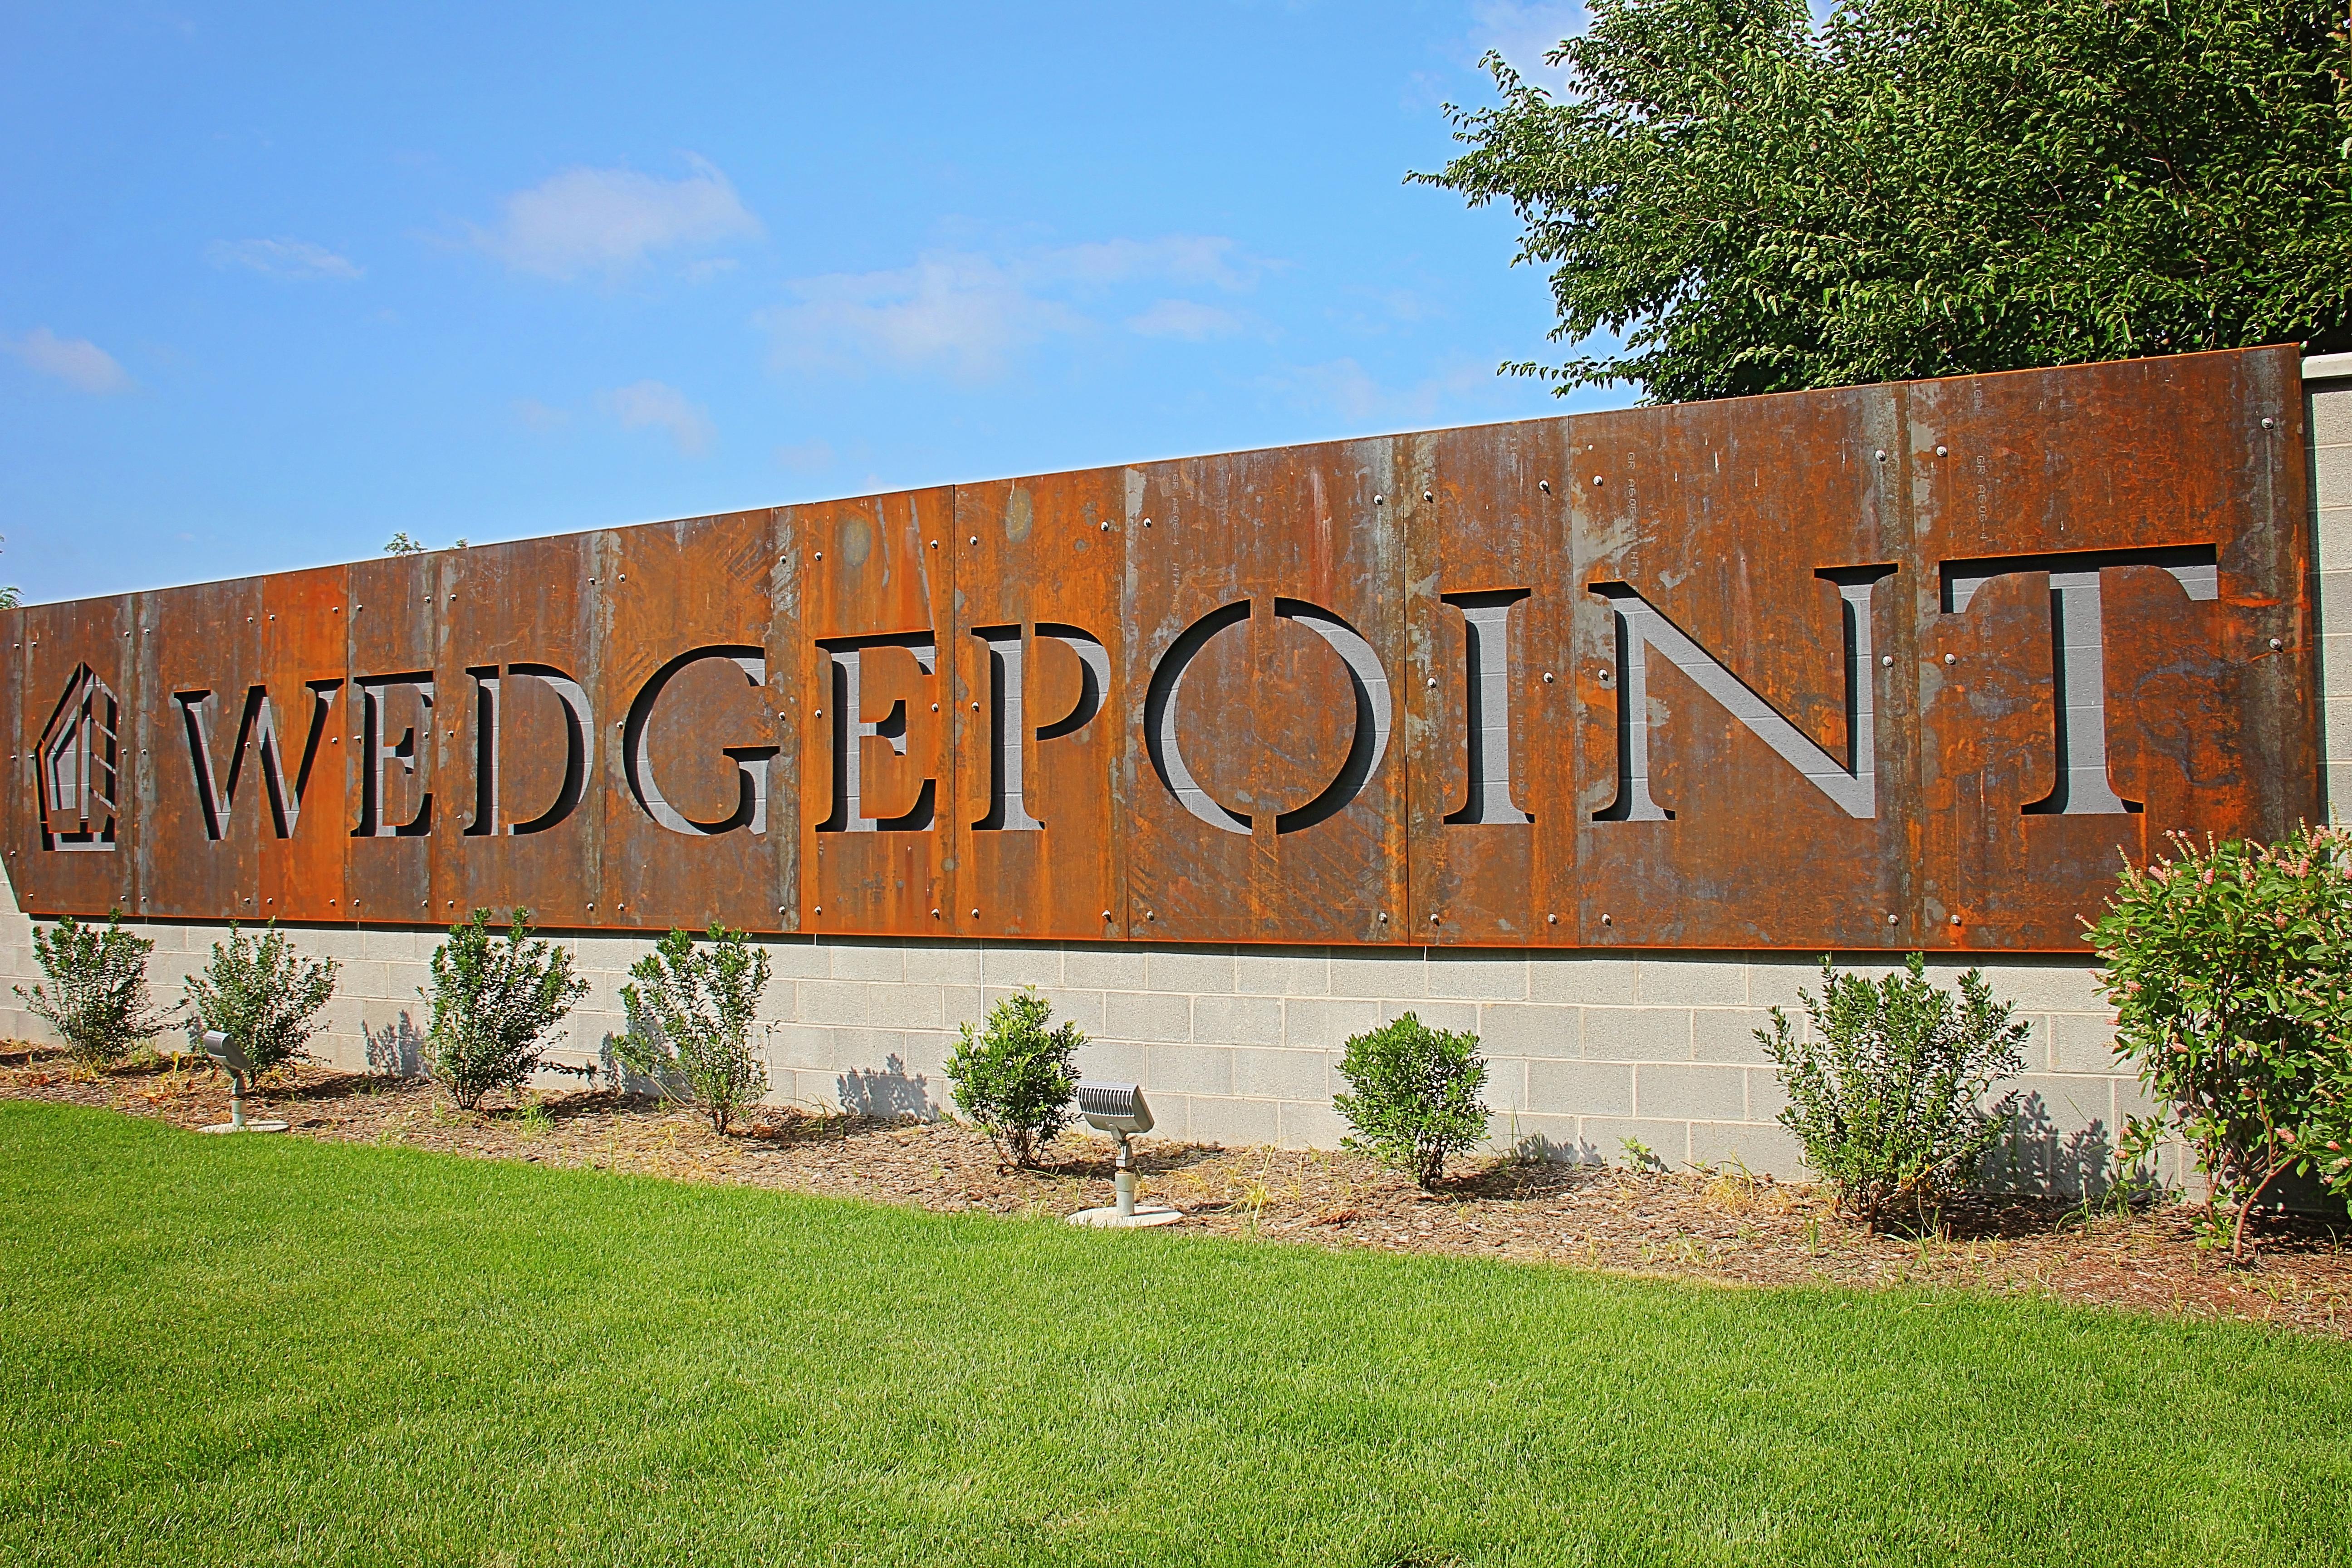 Wedge Point Corten Signage